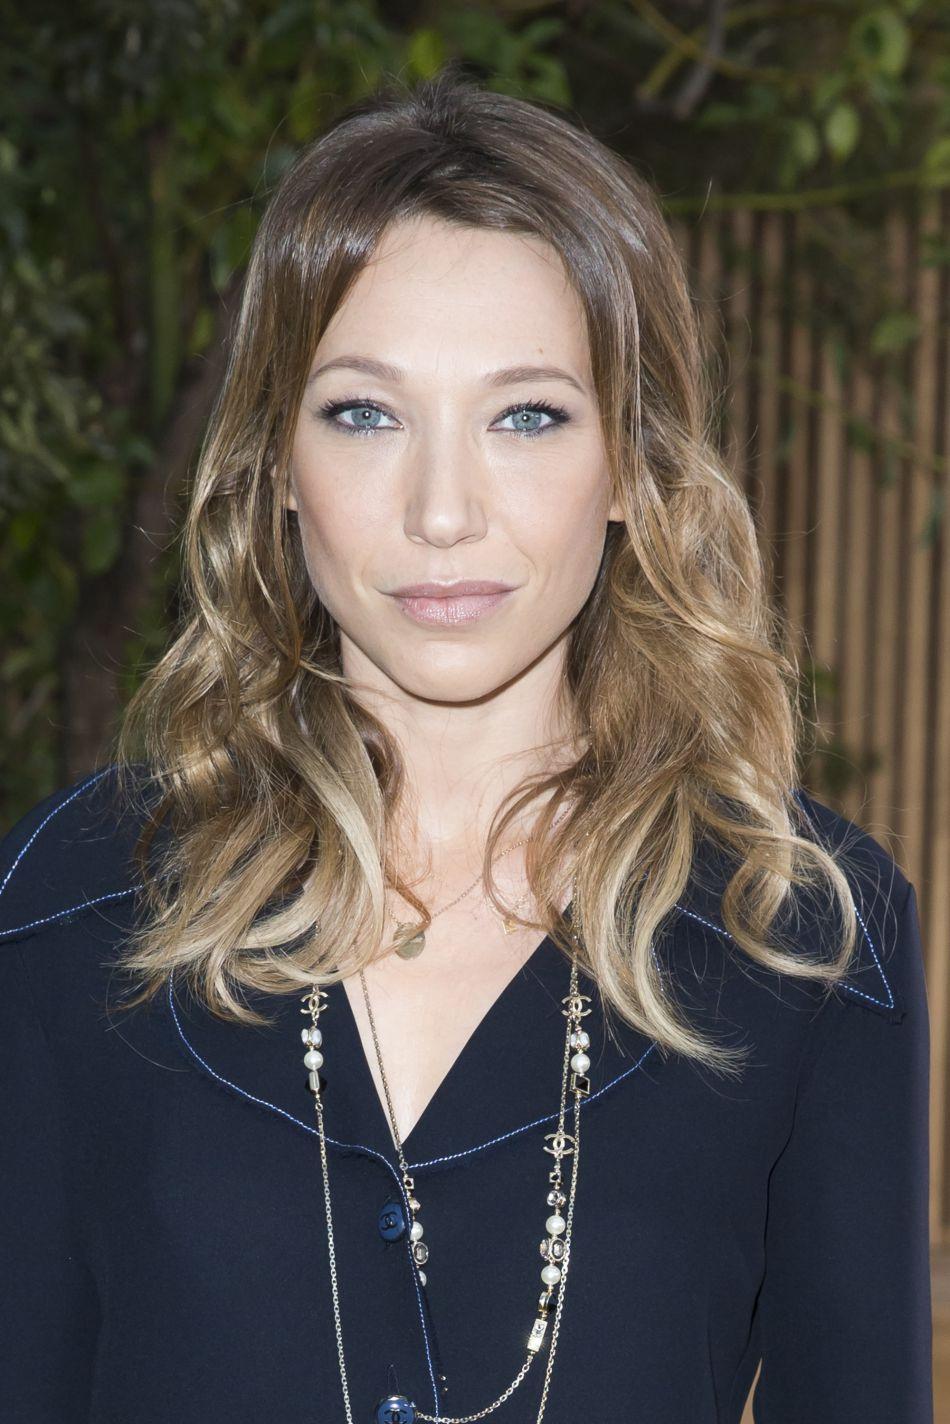 Laura Smet se dévoile dans un shooting photos publié dans le magazine  Le Point .